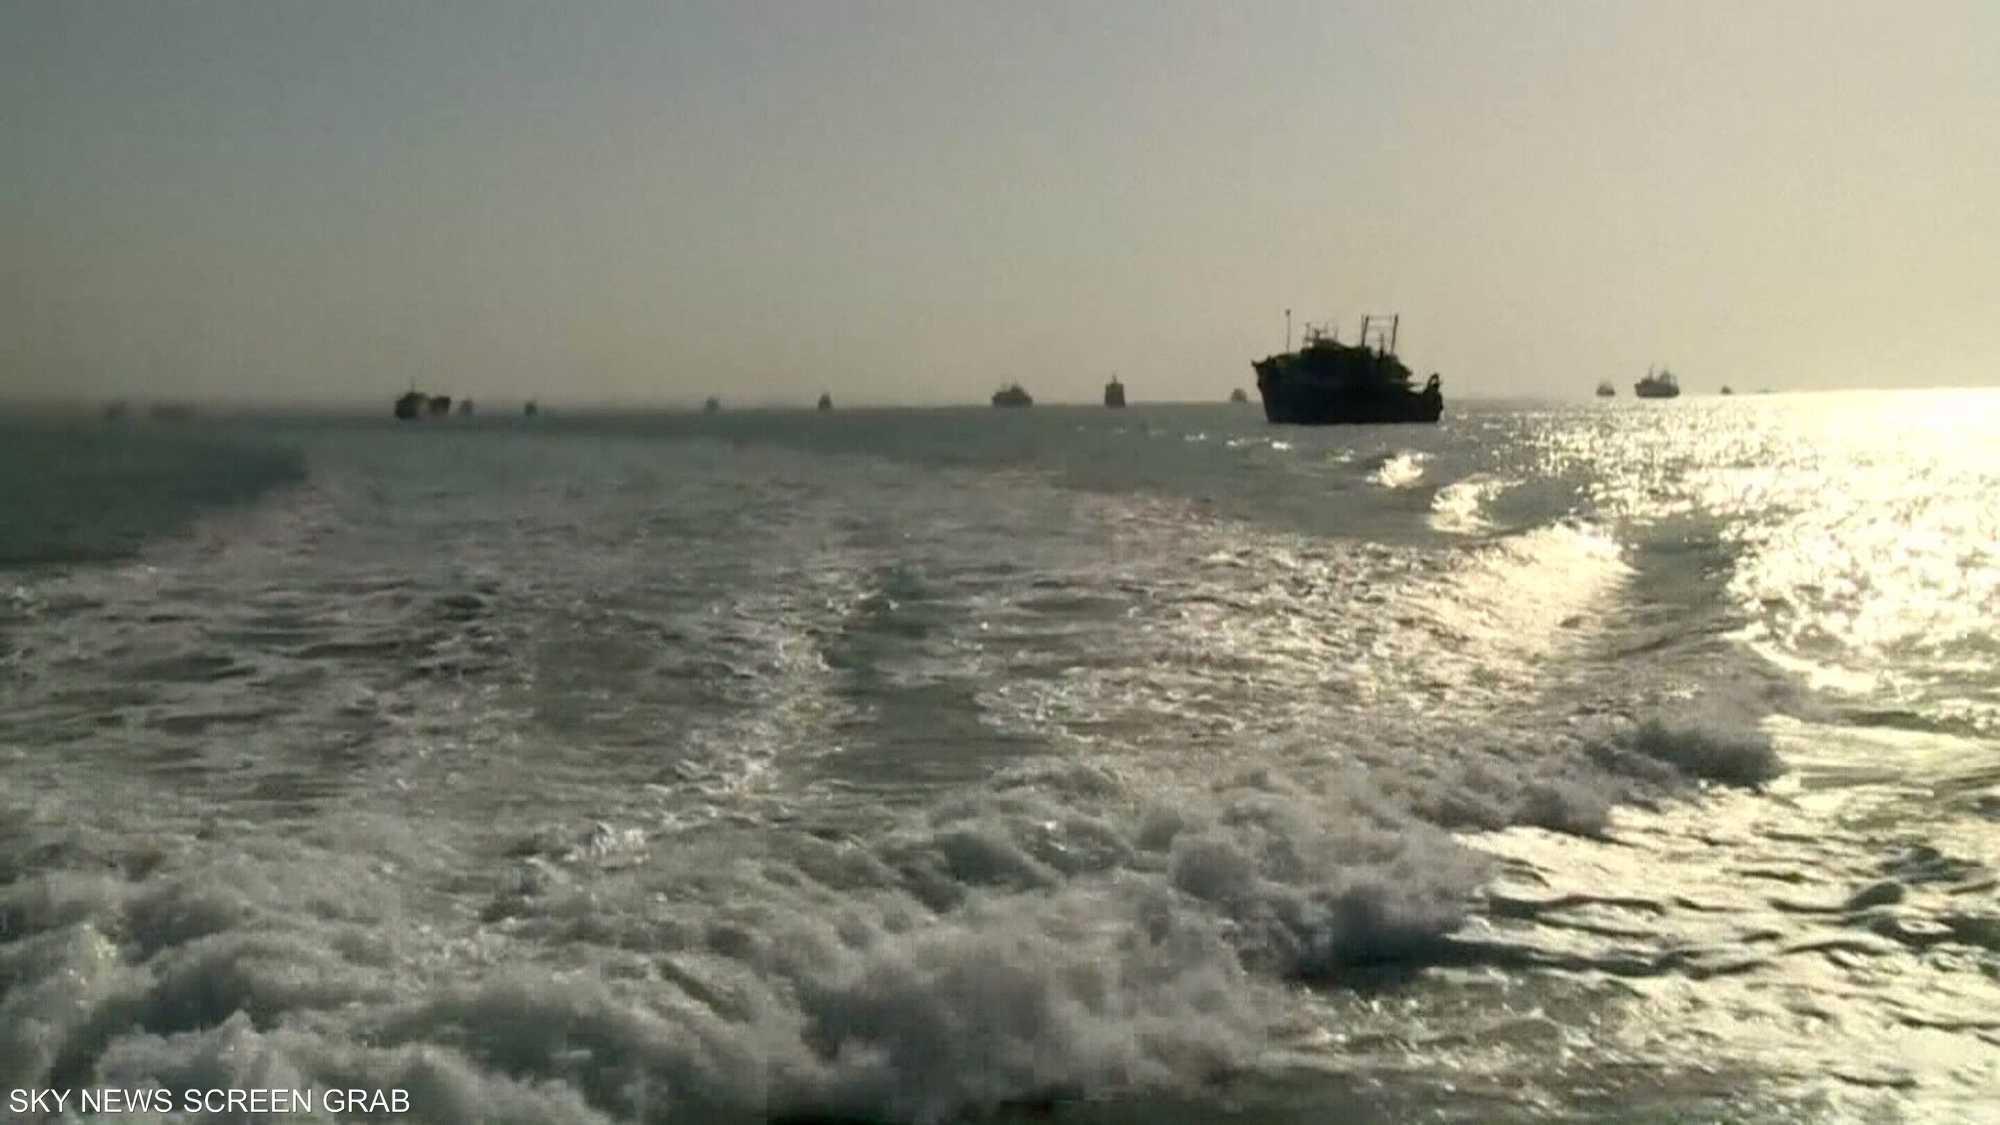 تحذيرات أميركية للسفن التجارية من عمليات تشويش إيرانية